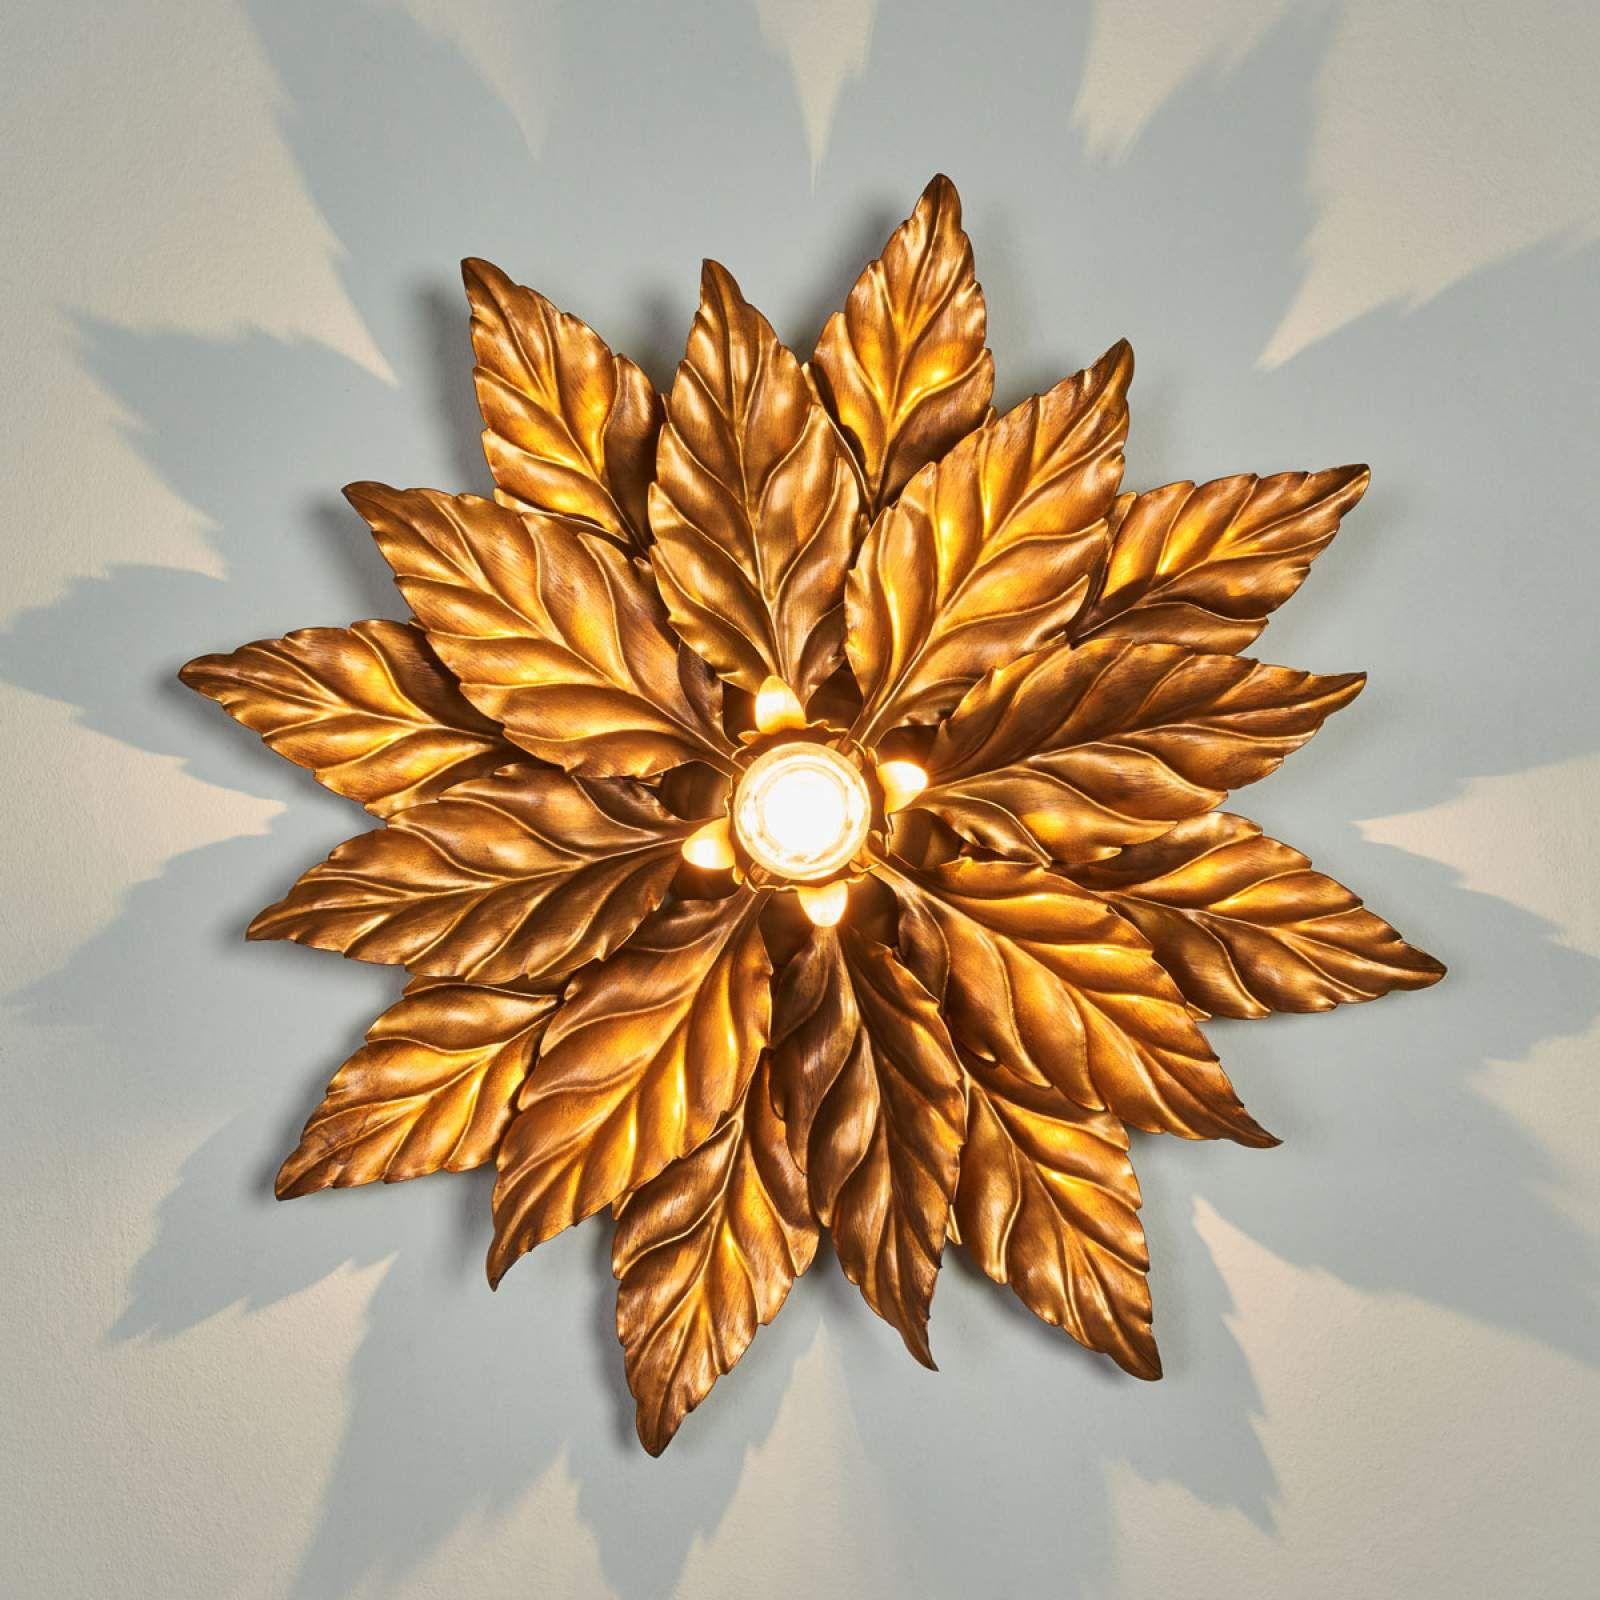 Deckenleuchte Antik Mit Goldenen Blattern 40 Cm Beleuchtung Decke Deckchen Und Goldene Blatter